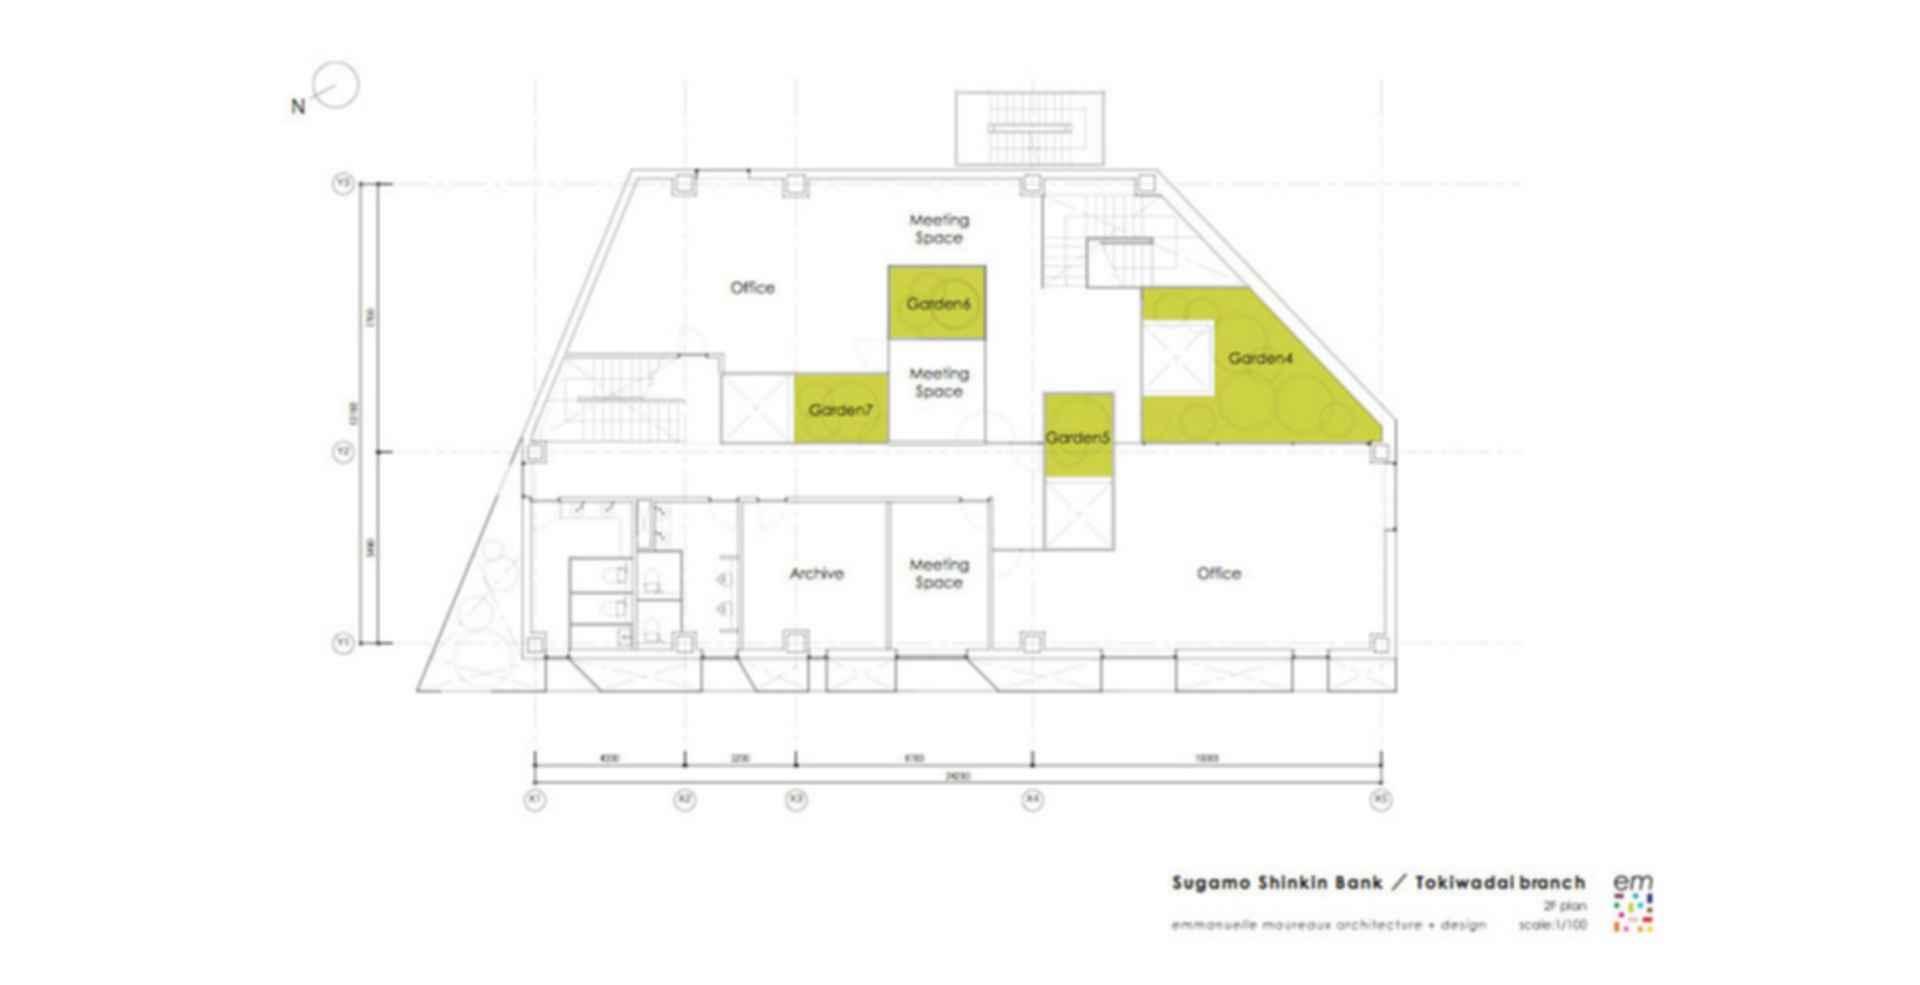 Sugamo Shinkin Bank -Tokiwadai Branch - floor plan